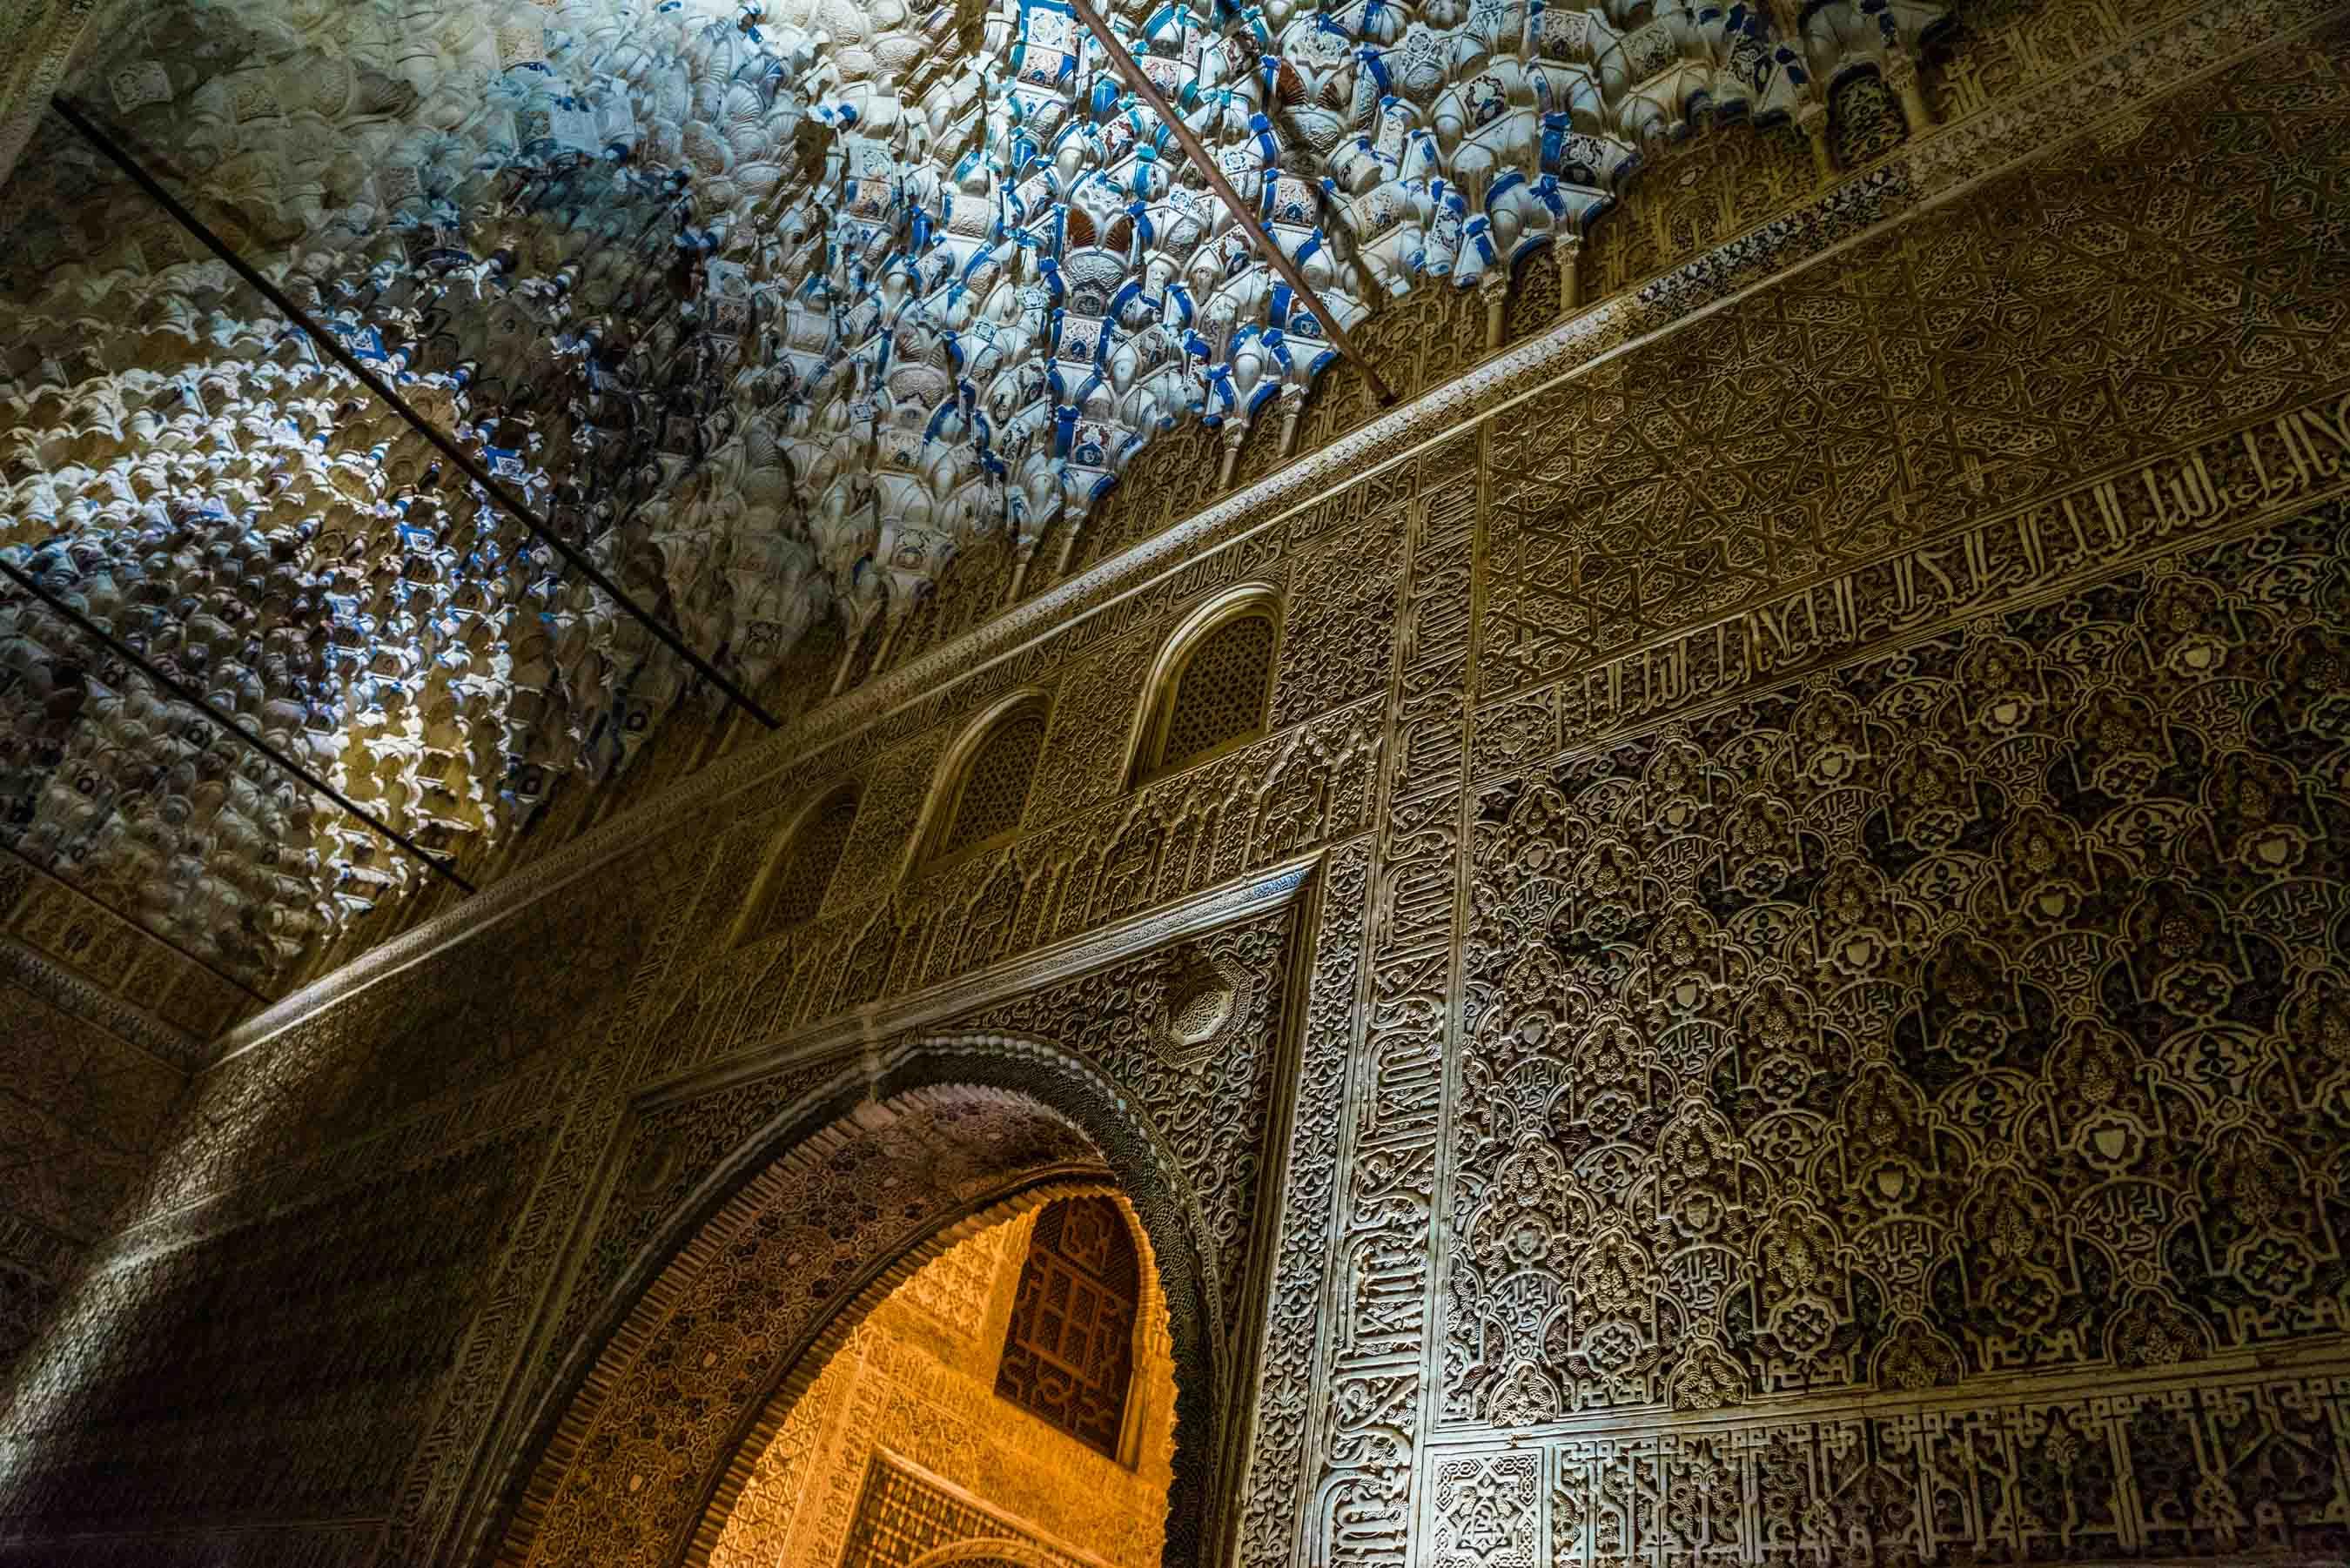 Granada Alhambra - by night - details